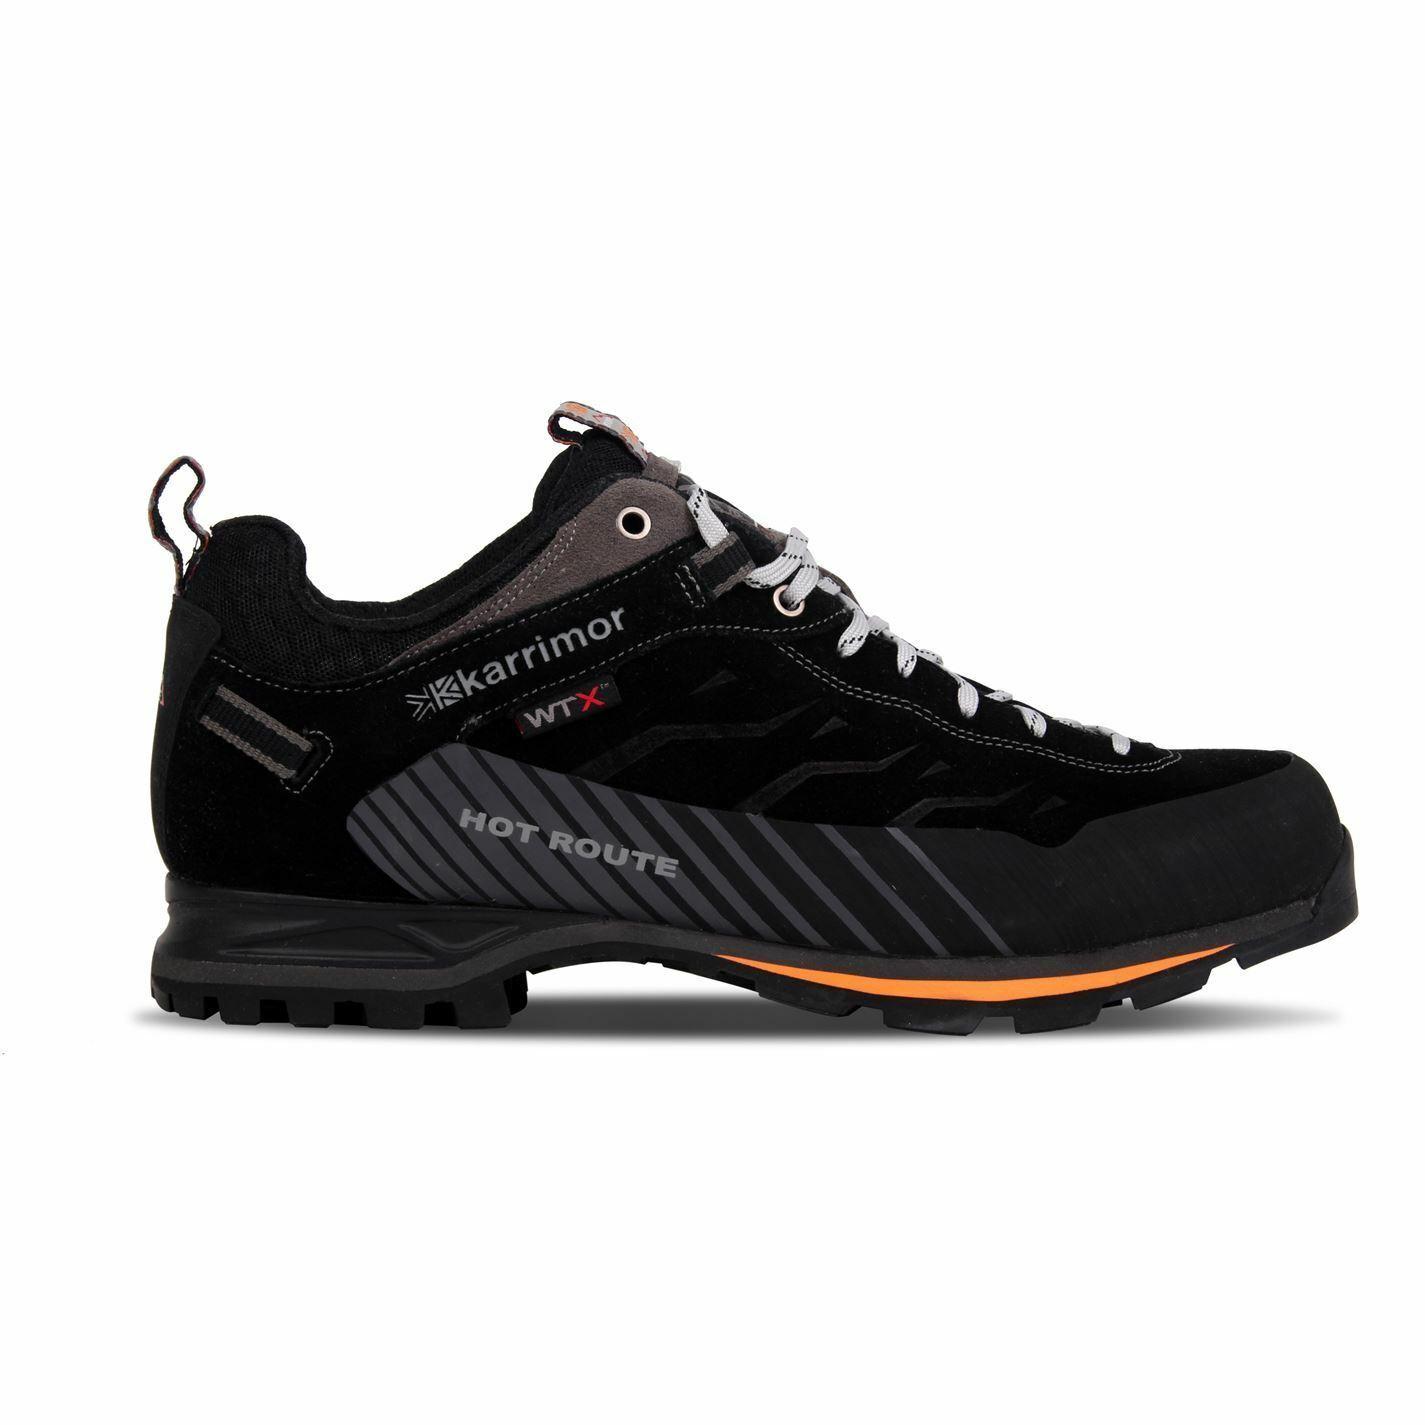 Karrimor calientes Zapatos para Caminar Wtx De Ruta Para Hombre  Negro botas Senderismo Calzado  Envío rápido y el mejor servicio